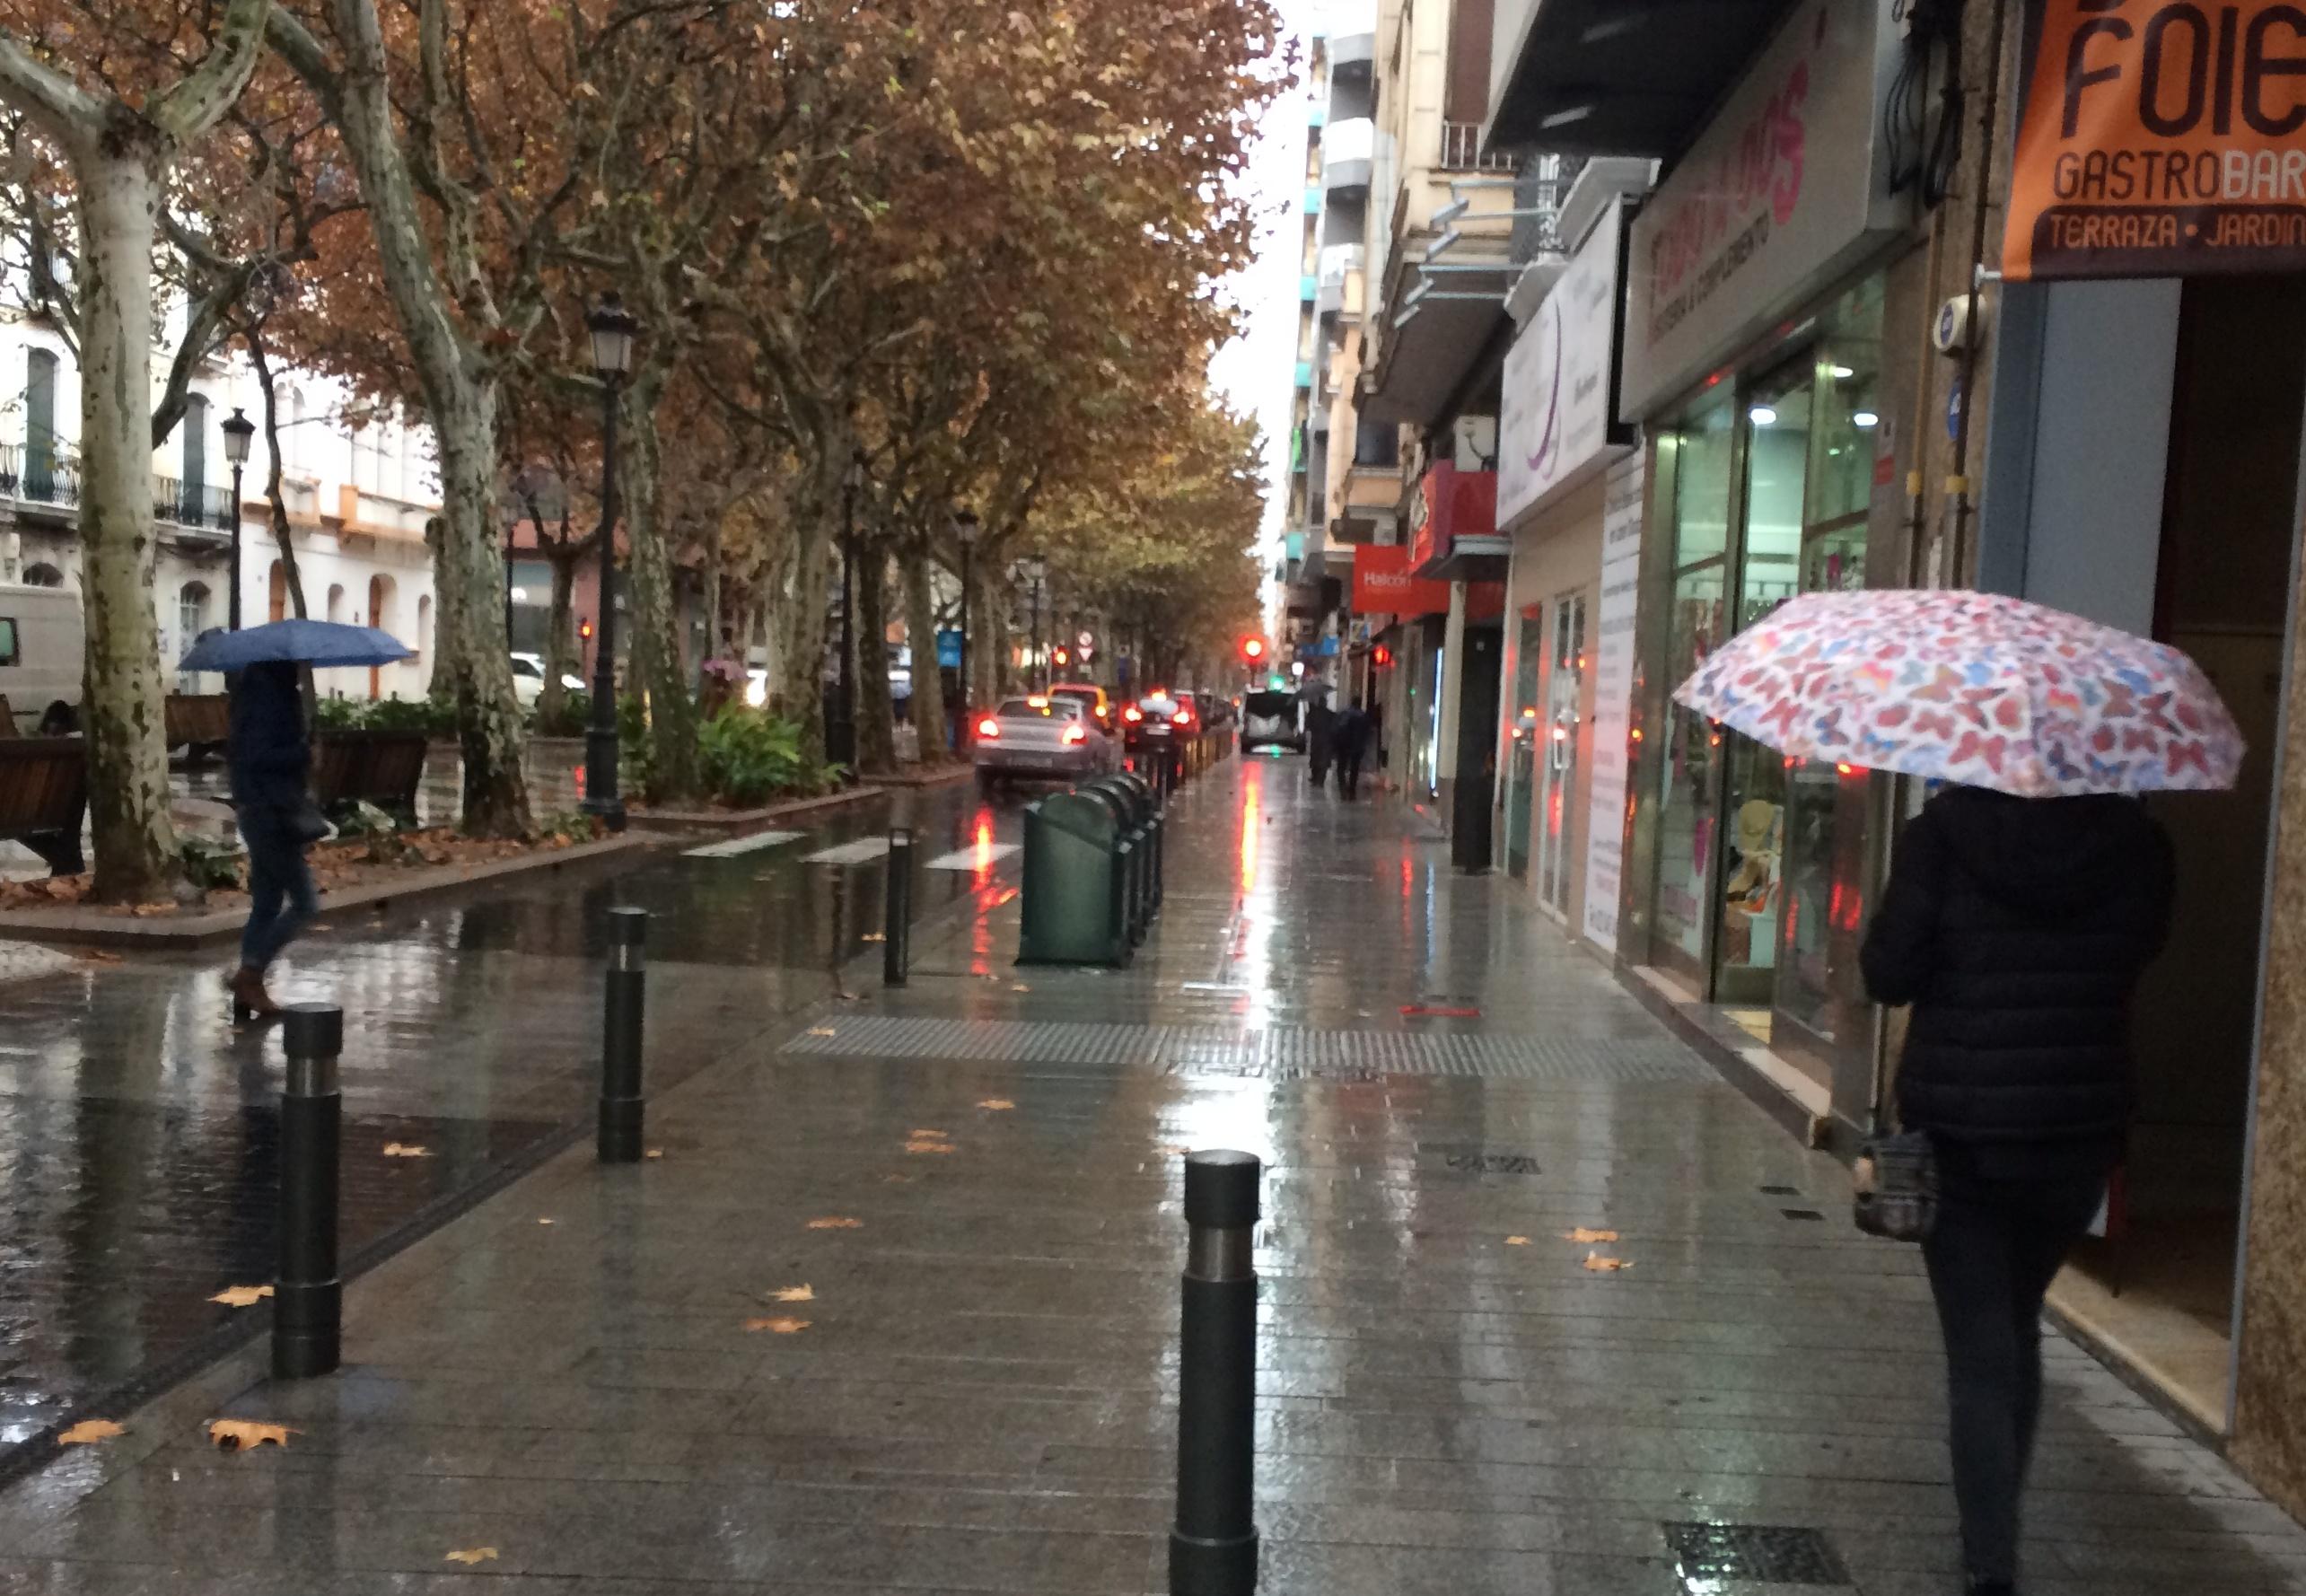 Día de lluvia generalizada en la comarca de la Safor tras más de un mes sin lluvias importantes